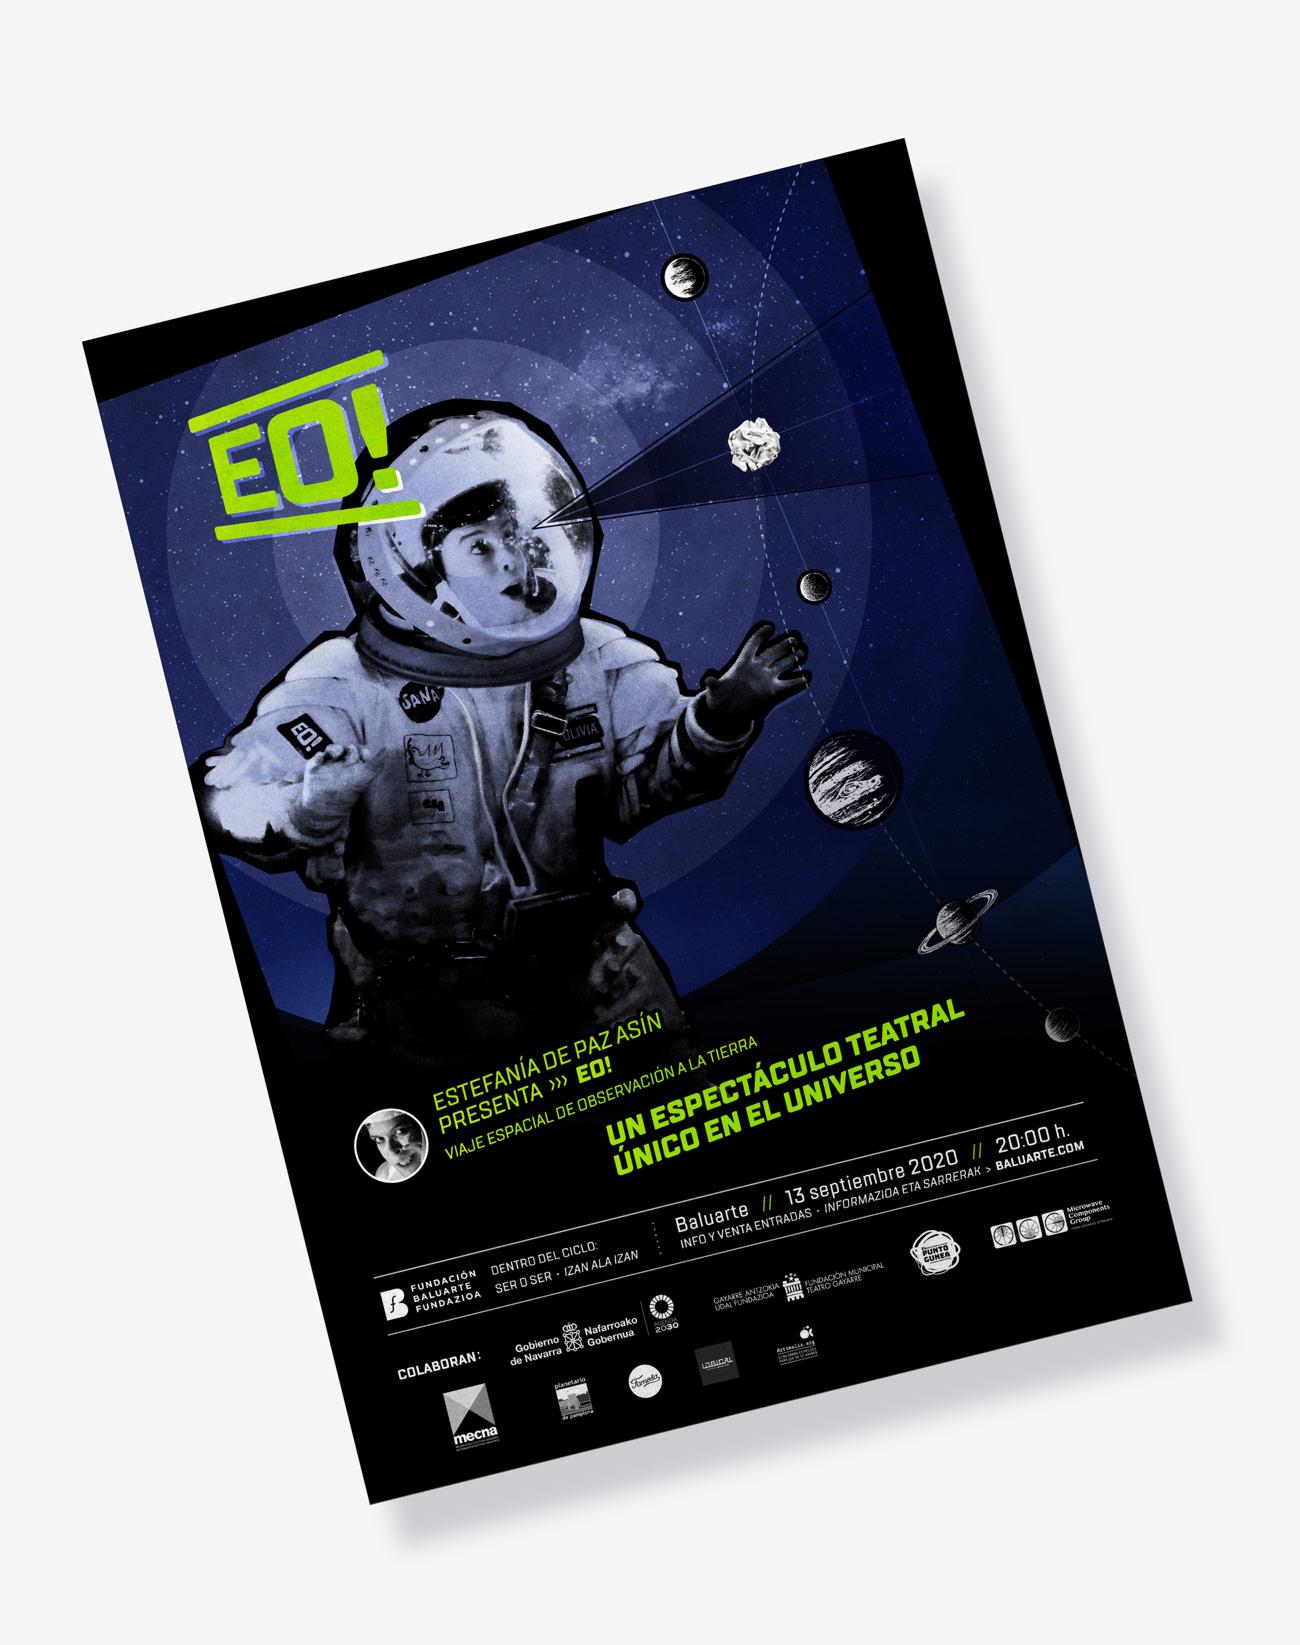 Imagen gráfica y aplicaciones para obra de teatro EO! presentación de cartel